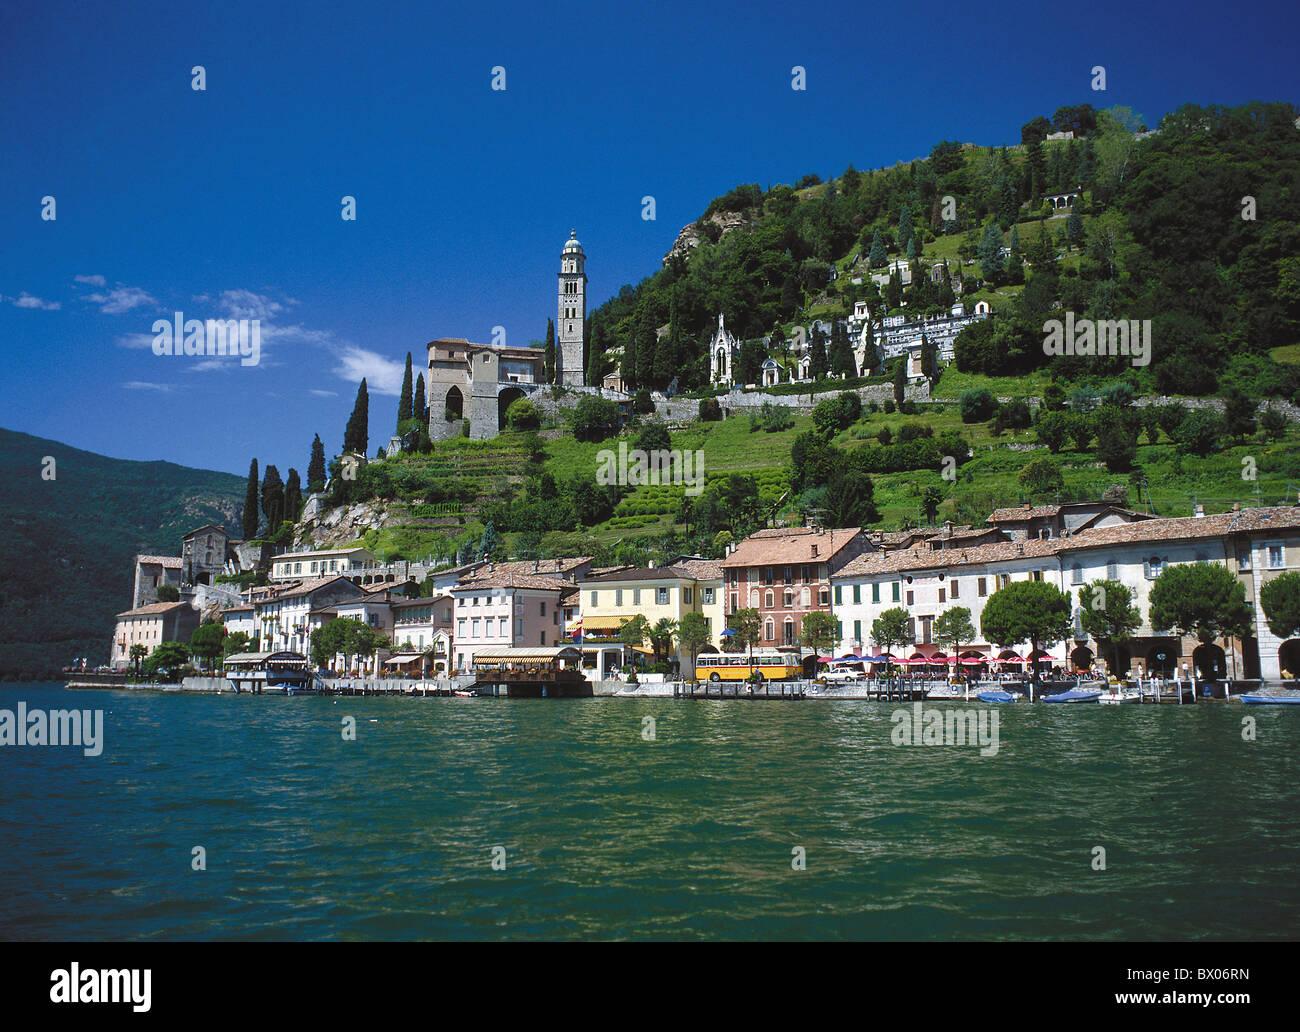 village cemetery canton Ticino church Lago di Lugano lake Lugano lake sea lake Lugano lake sea Morcote p - Stock Image